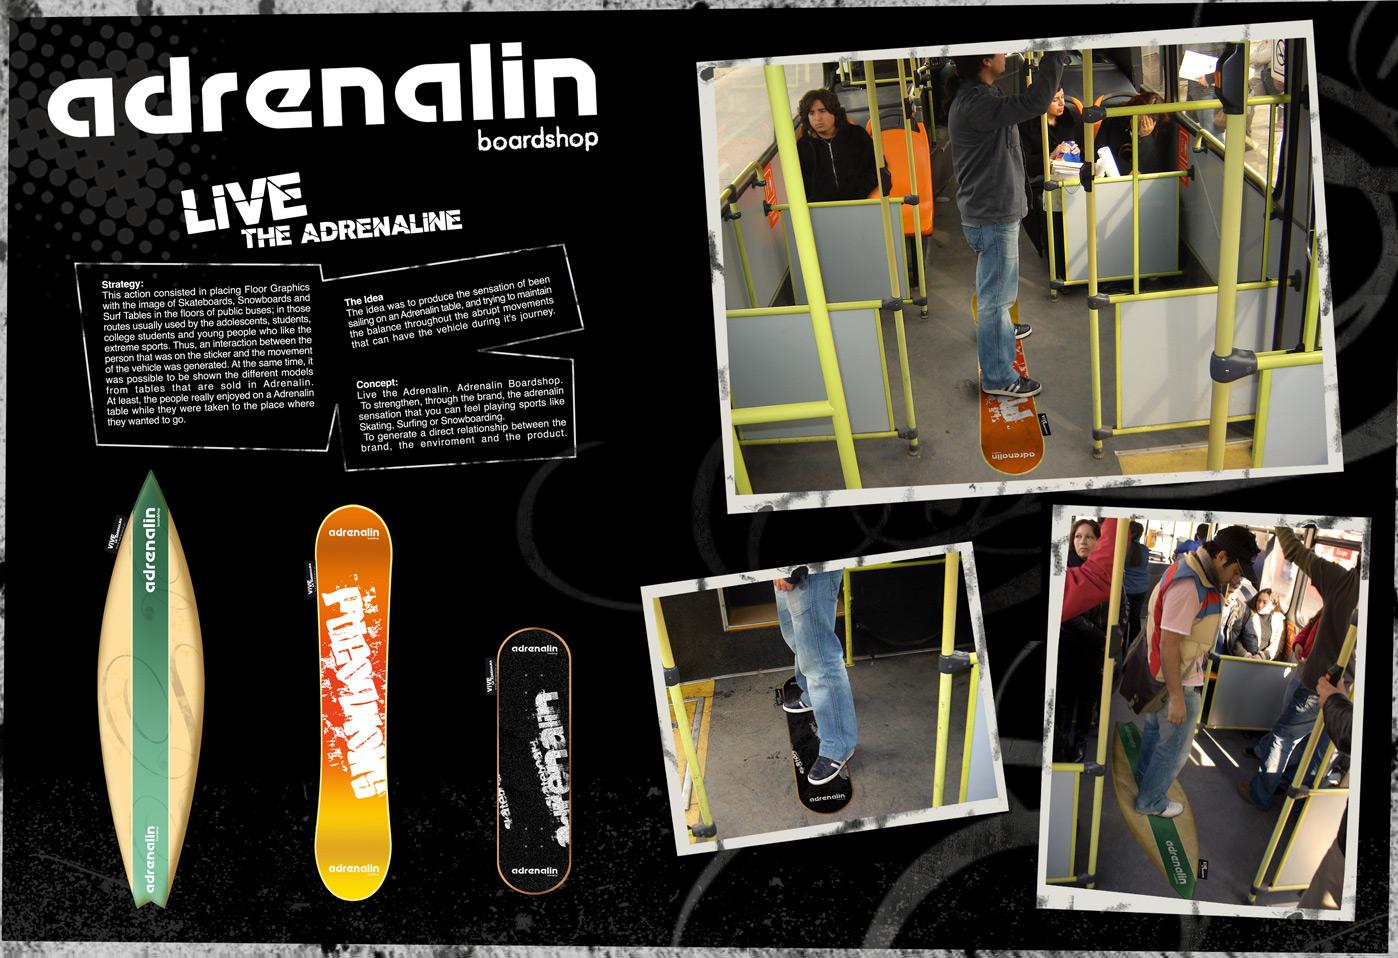 11-30-Guerilla_AdrenalinBoards1.jpg